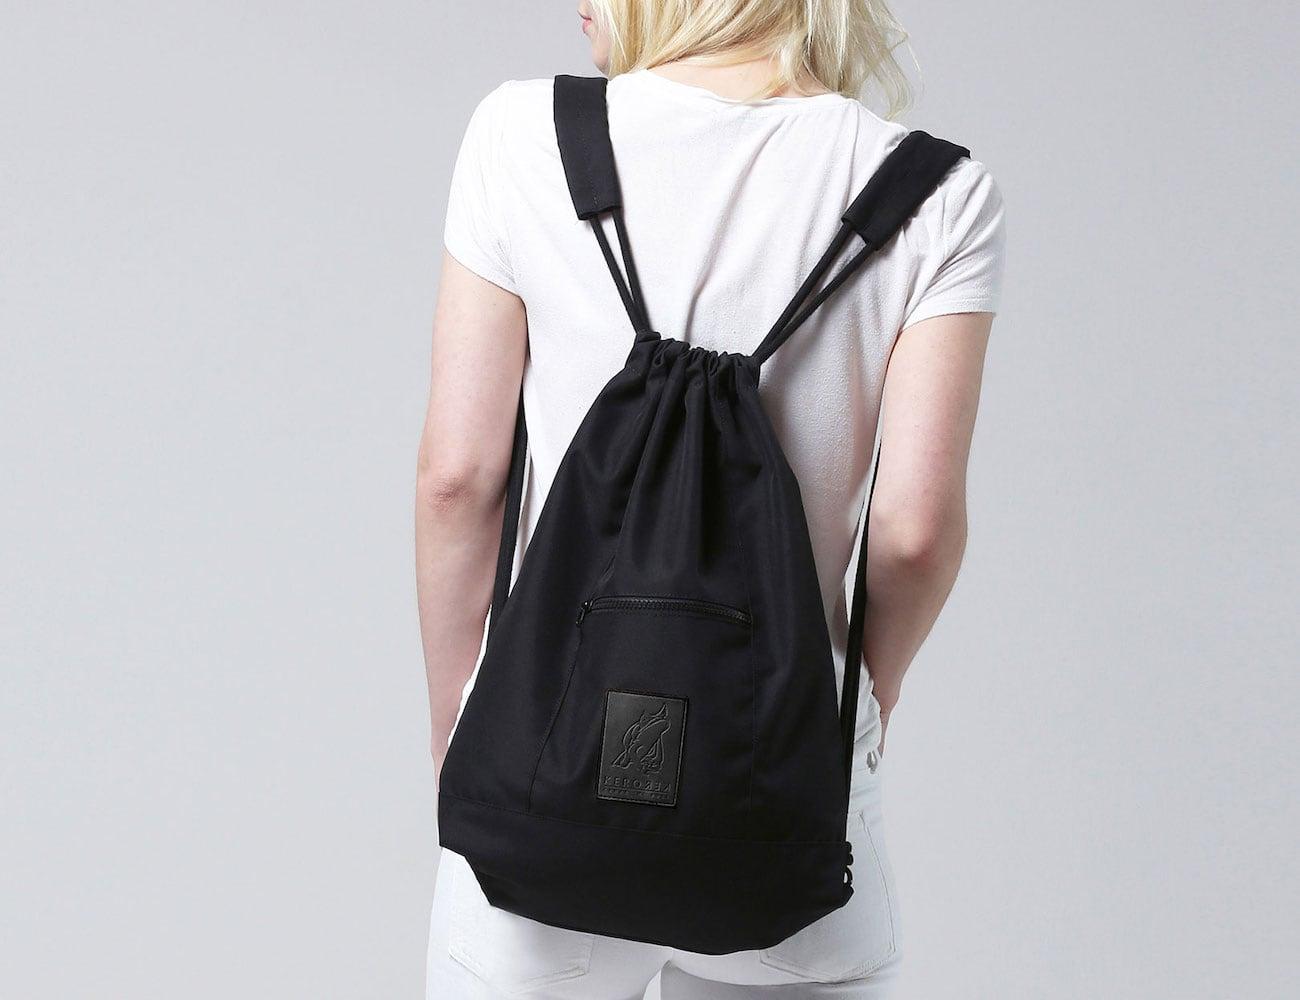 Kerorek Black Canvas Bag Drawstring Backpack is a minimalist everyday pack